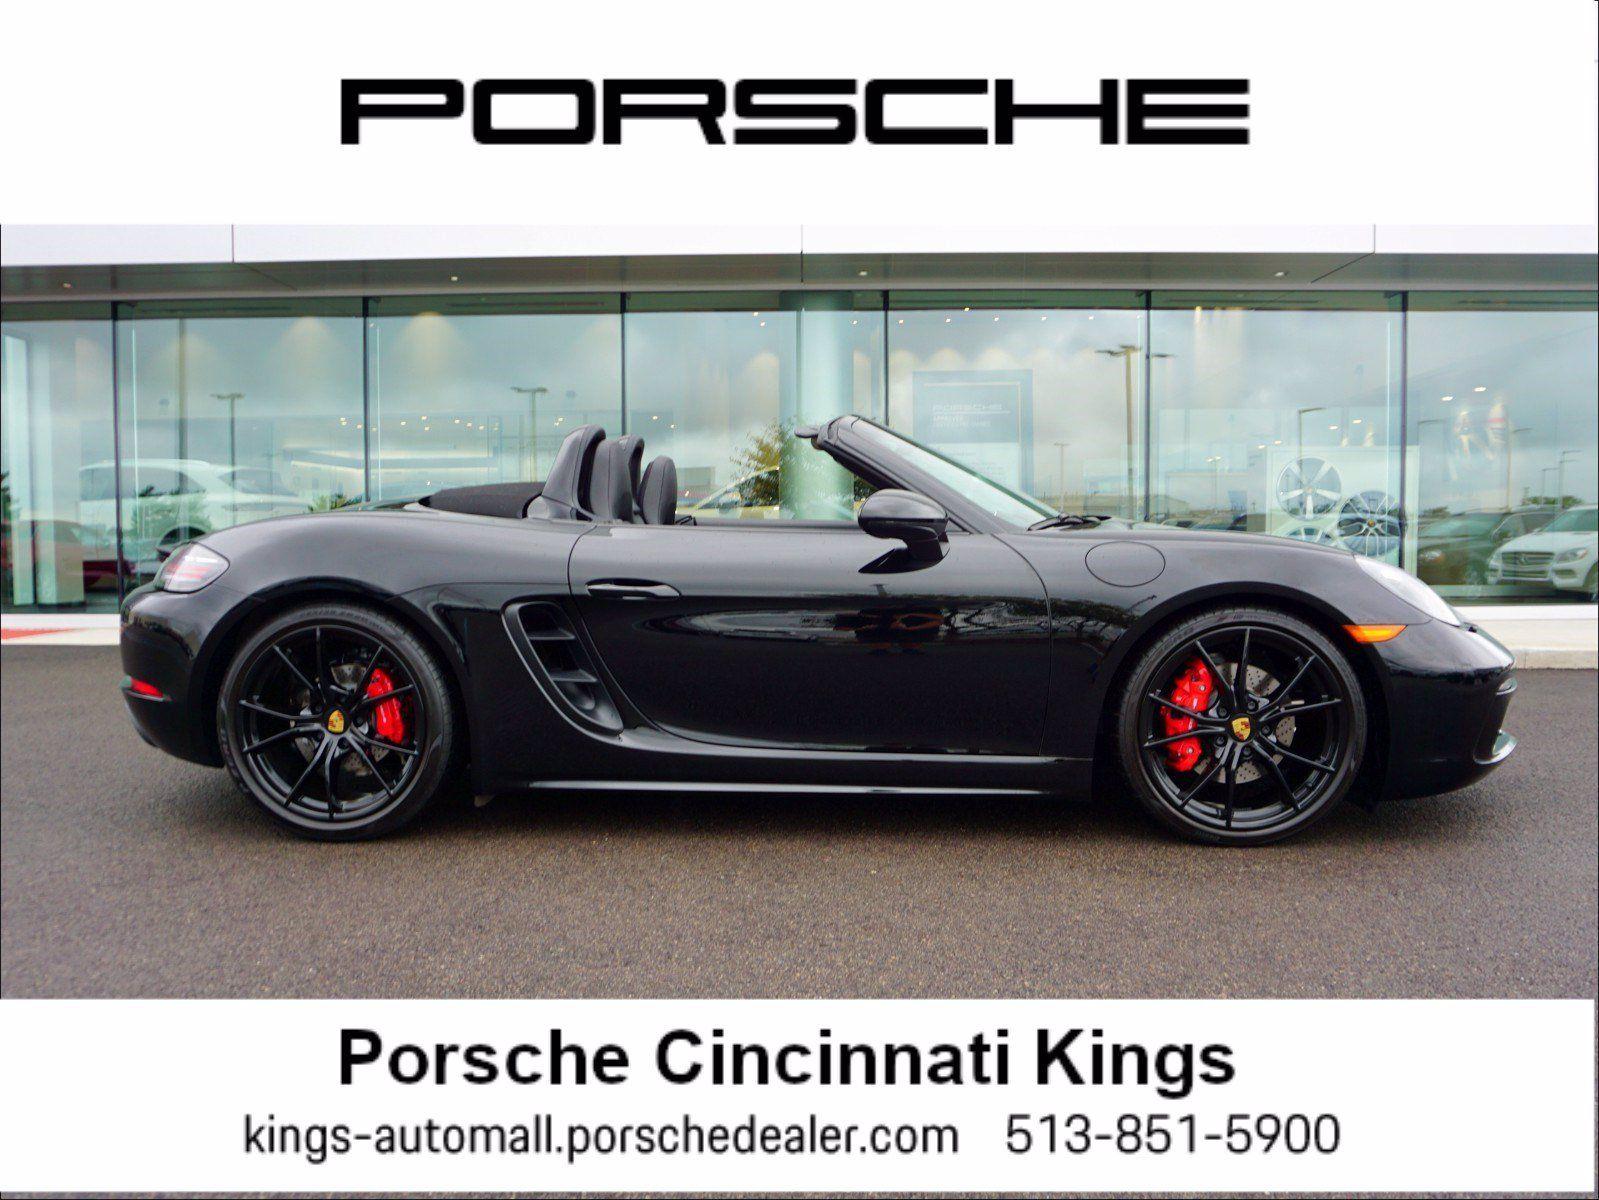 2017 Porsche 718 Boxster S – 1